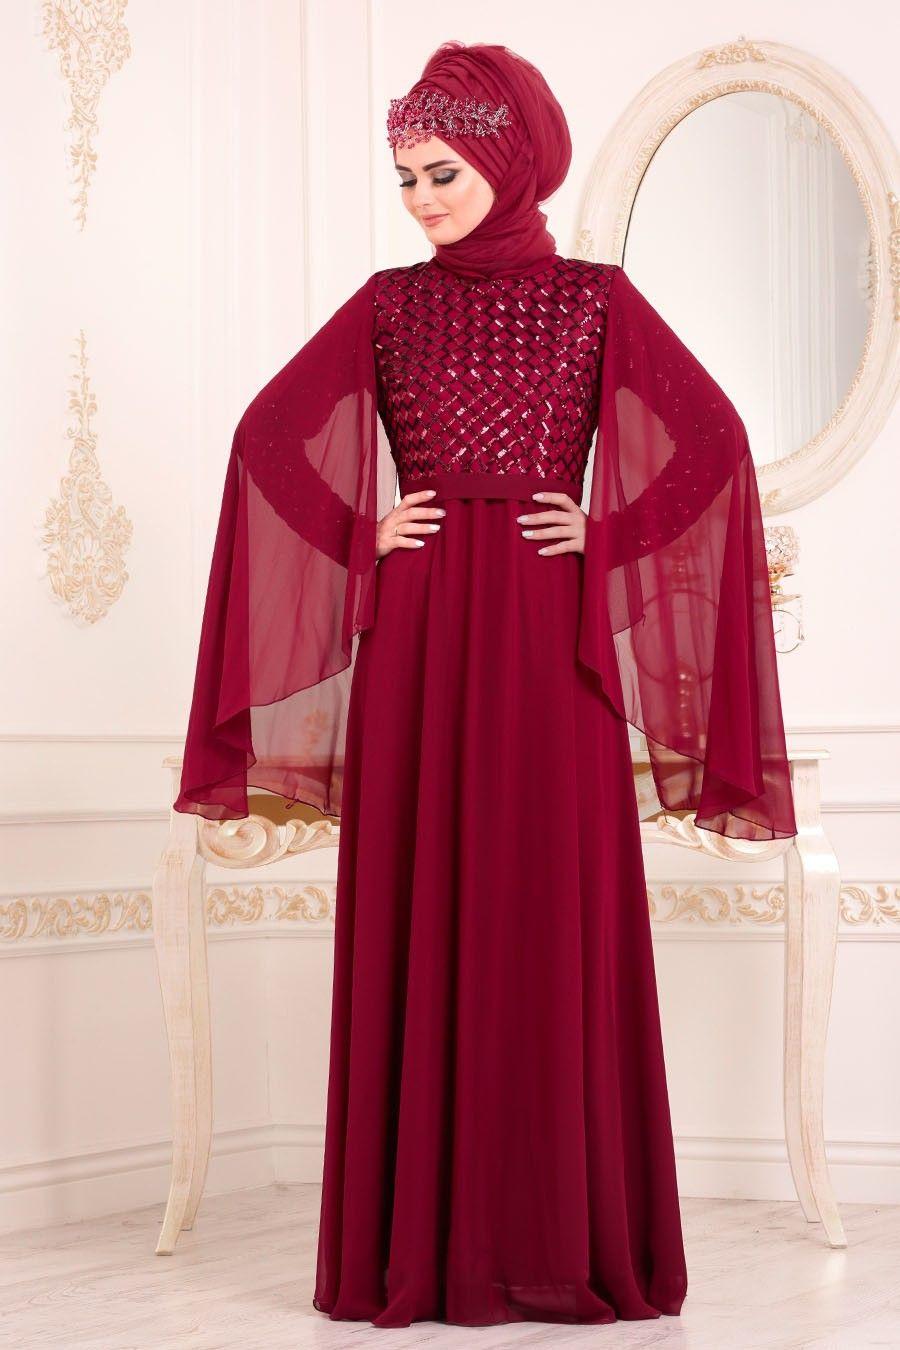 8321fe462f87a Tesettürlü Abiye Elbiseler - Pul Payetli Bordo Tesettür Abiye Elbise 3293BR  ÜRÜN KODU : 3293BR